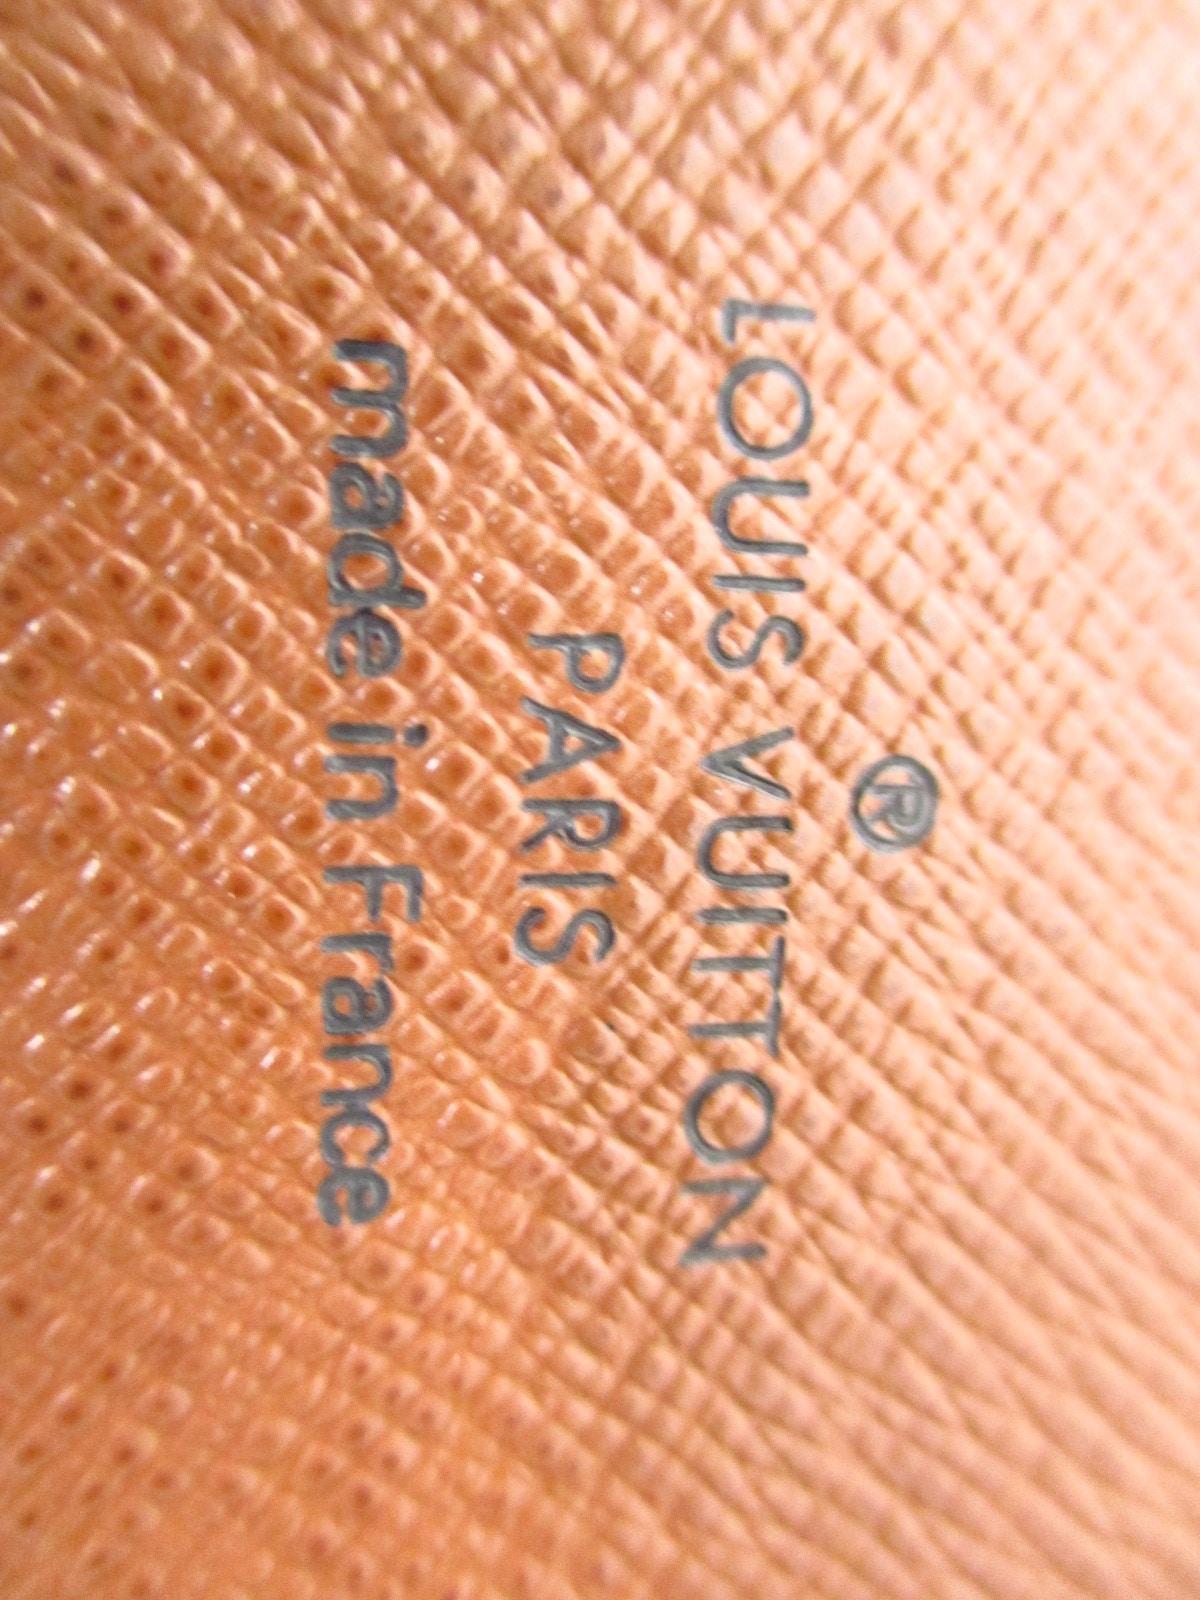 LOUIS VUITTON(ルイヴィトン)のポルト カルト・パス ヴェルティカル